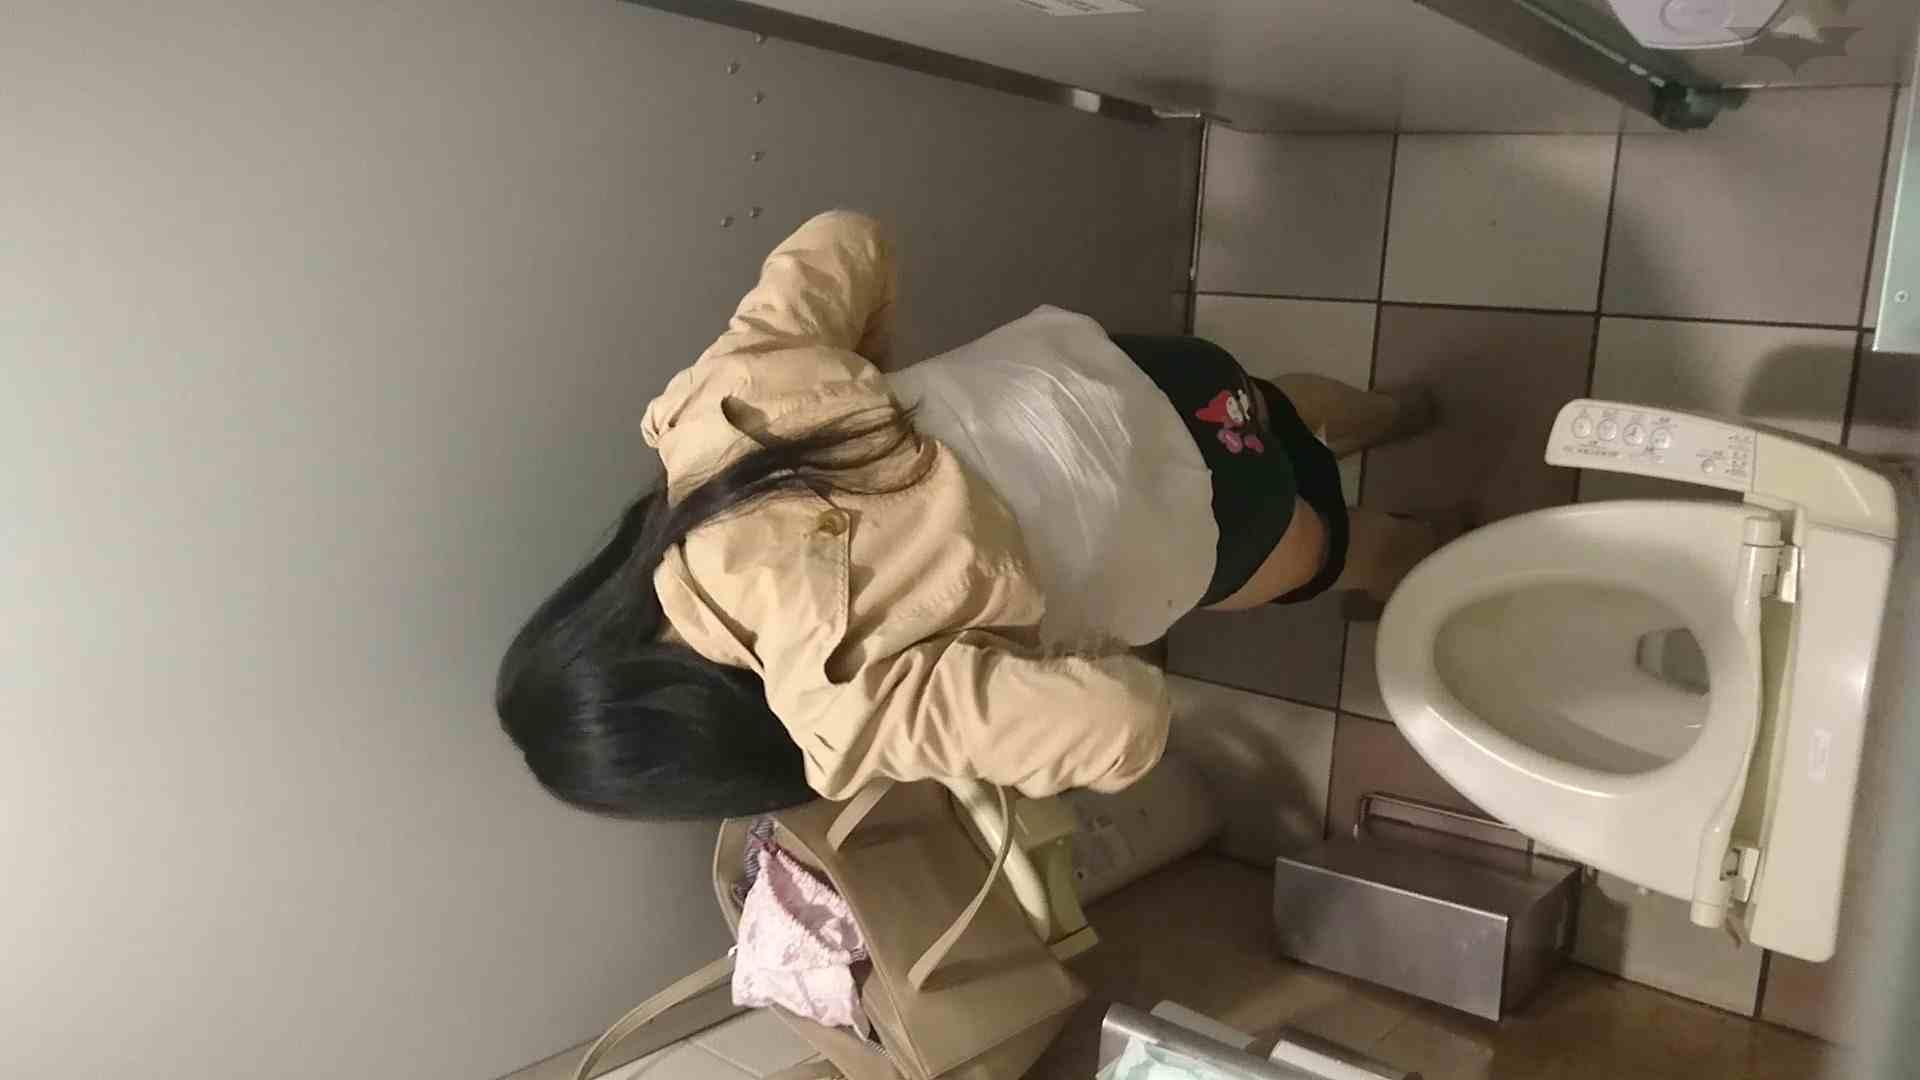 化粧室絵巻 ショッピングモール編 VOL.19 OL  93pic 35